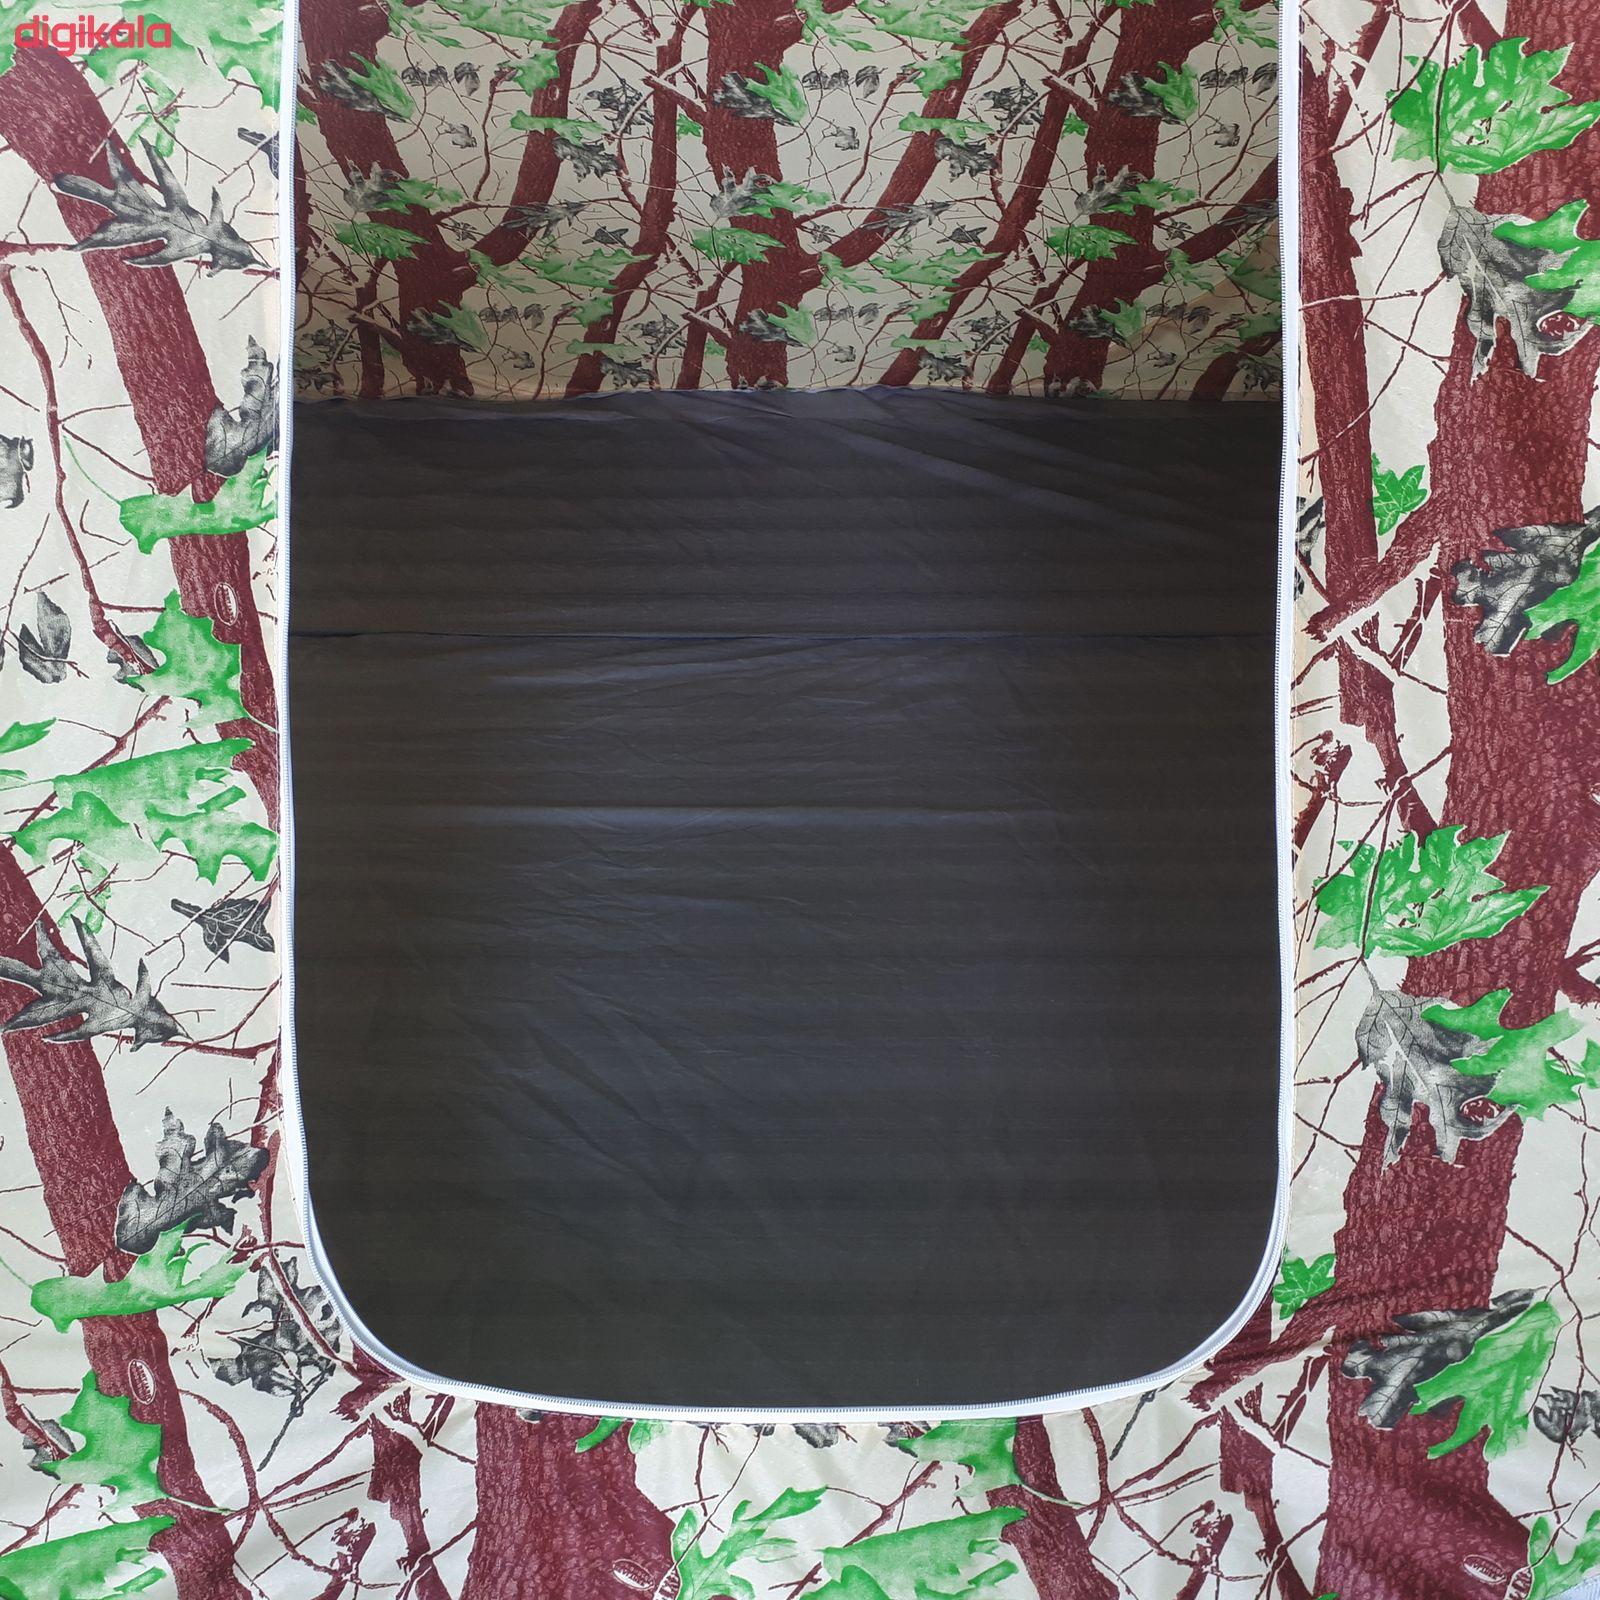 چادر مسافرتی 12 نفره سایانا مدل جنگلی main 1 3